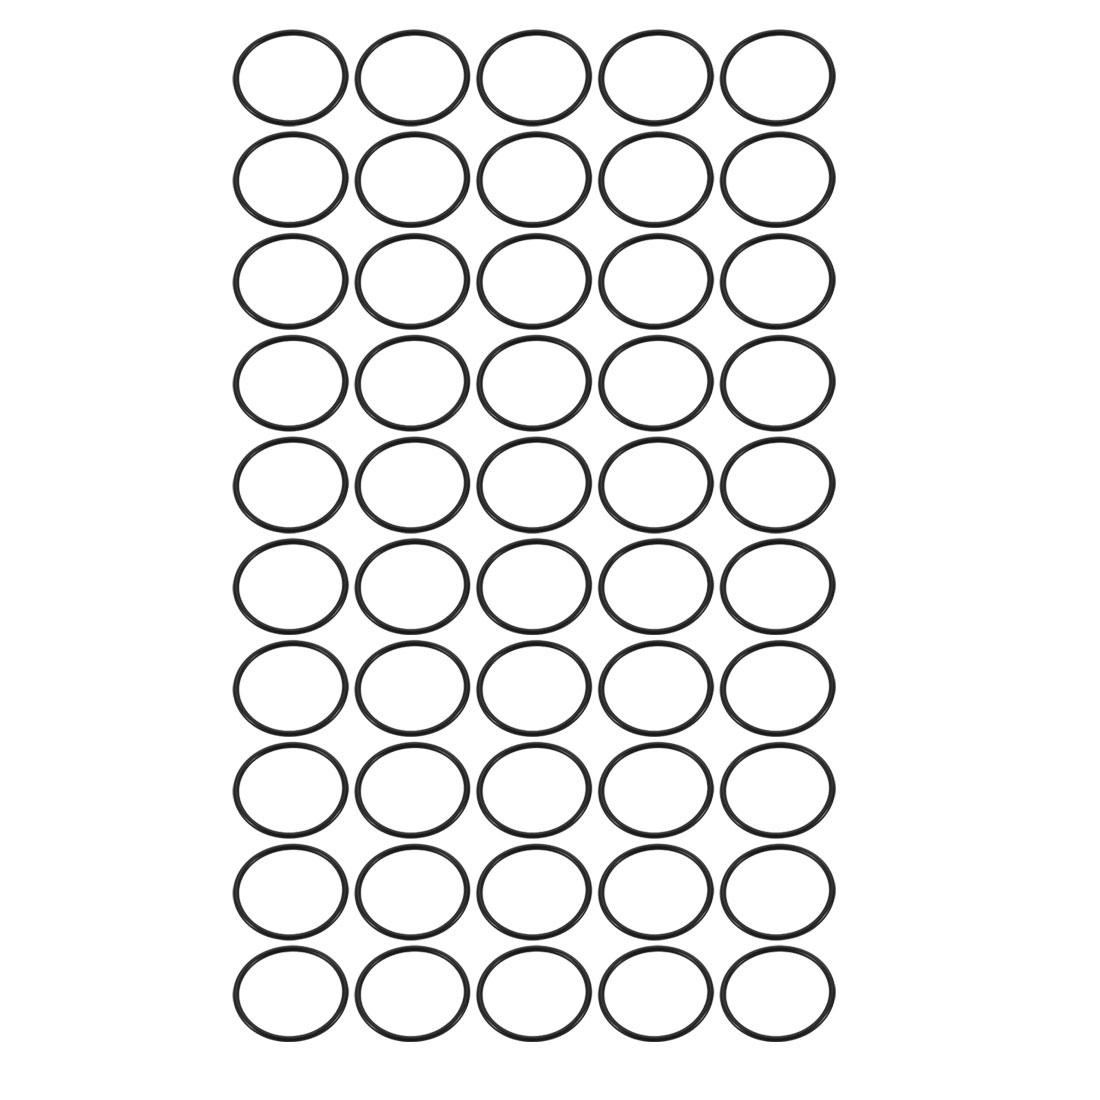 50pcs Black Nitrile Butadiene Rubber NBR O-Ring 26.7mm Inner Dia 1.78mm Width